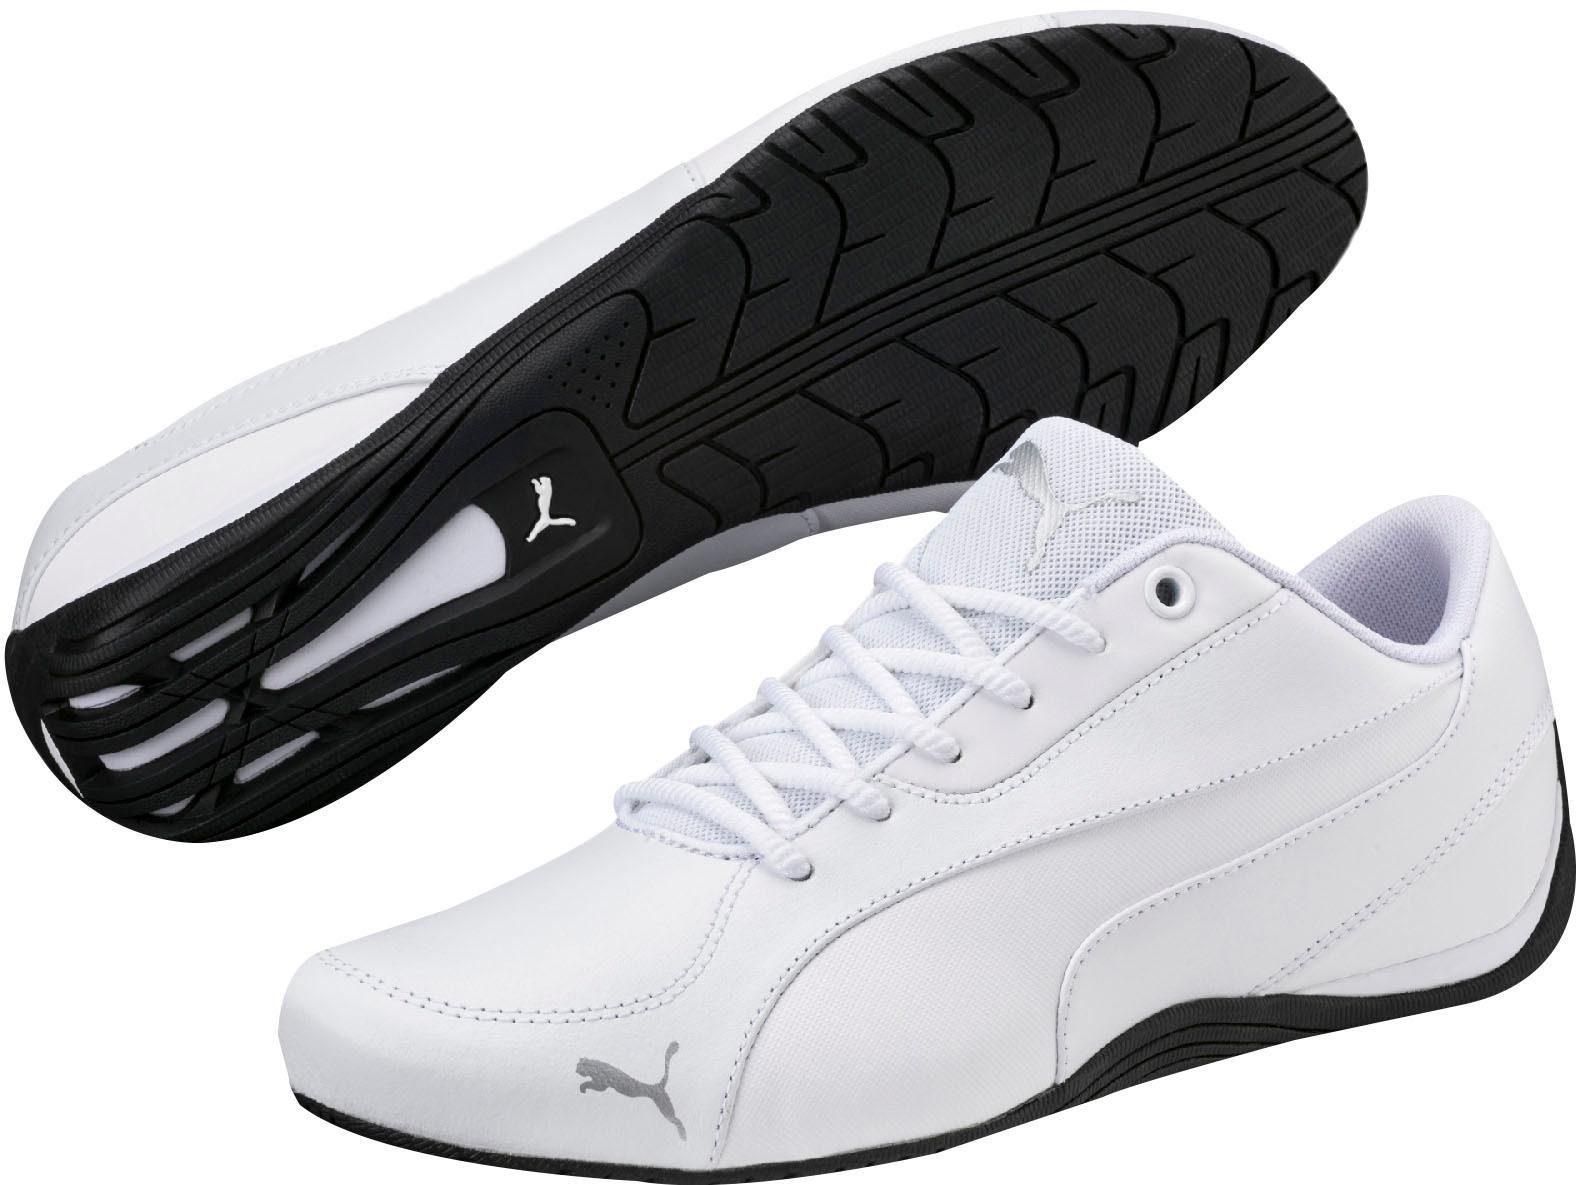 PUMA »Drift Cat 5 Ultra« Sneaker, Motorsport inspirierter Sneaker von Puma online kaufen   OTTO